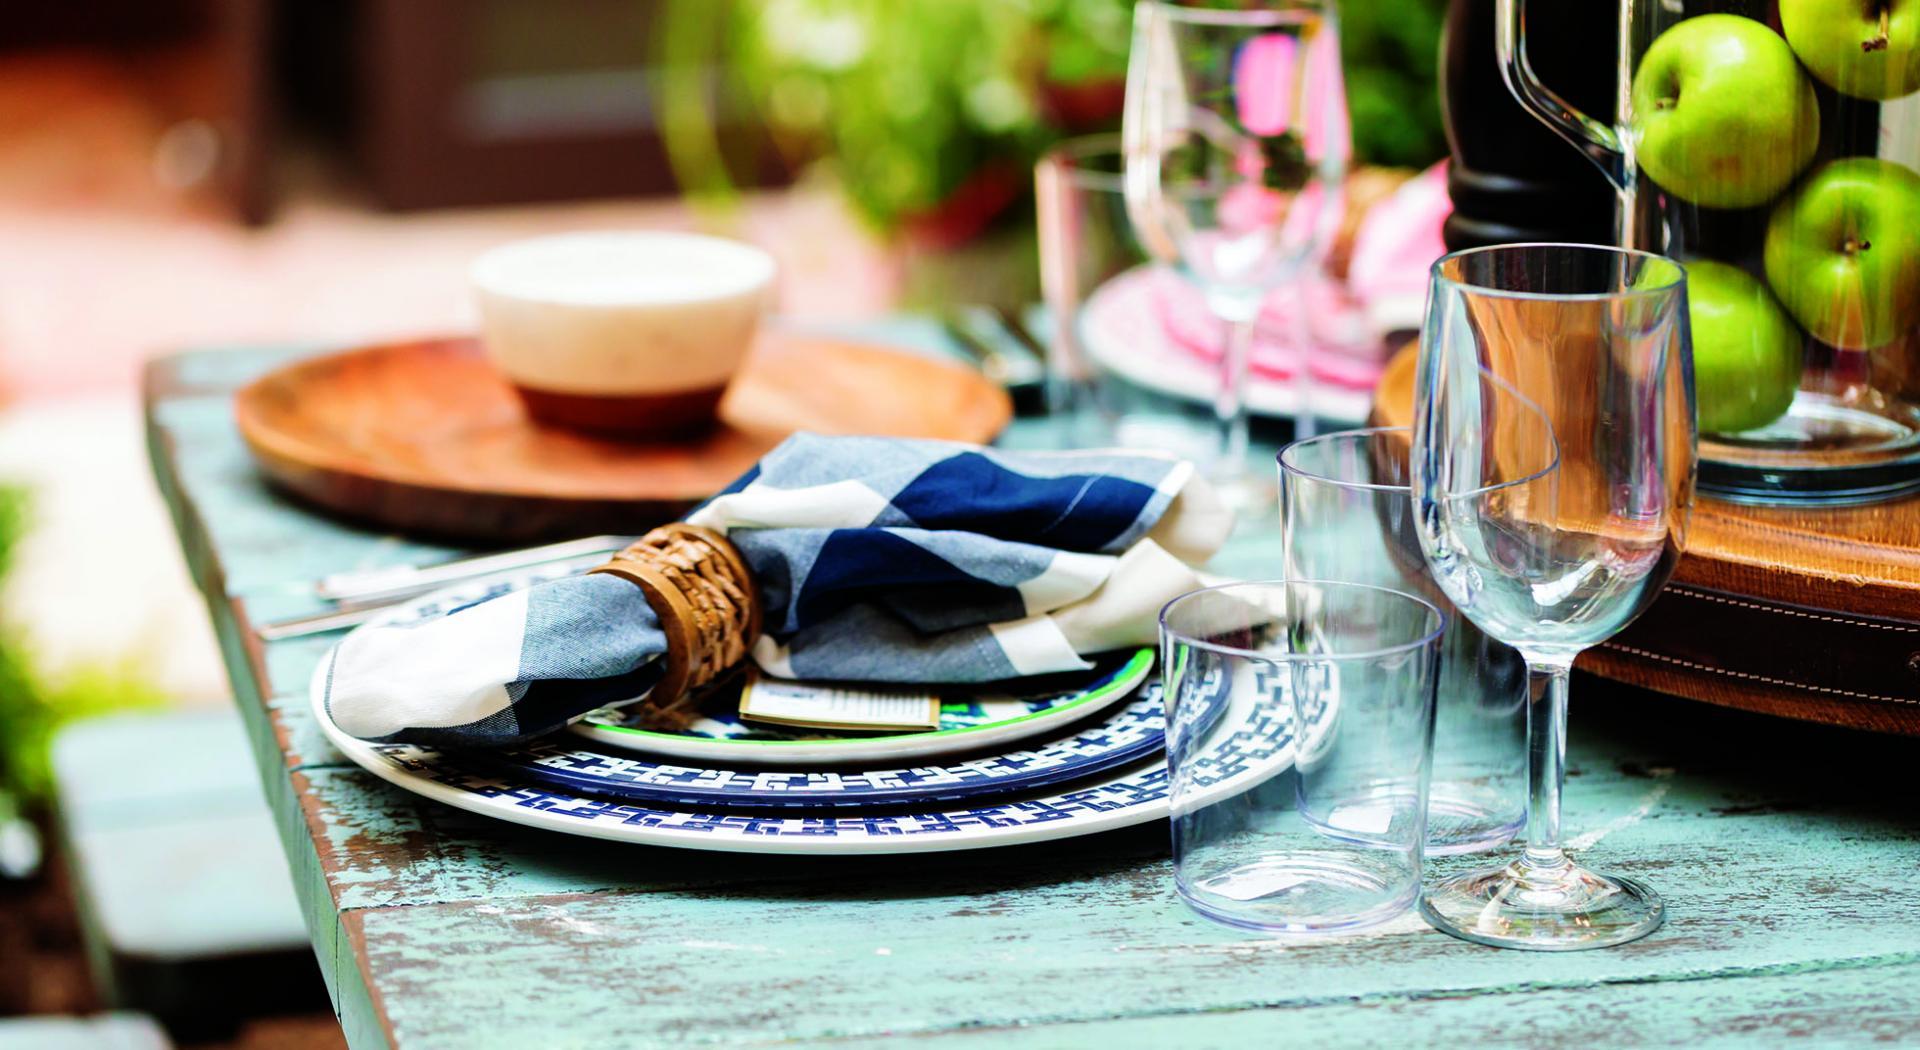 Come Apparecchiare La Tavola Galateo tavola estiva, come apparecchiare in stile marinaro | aia food